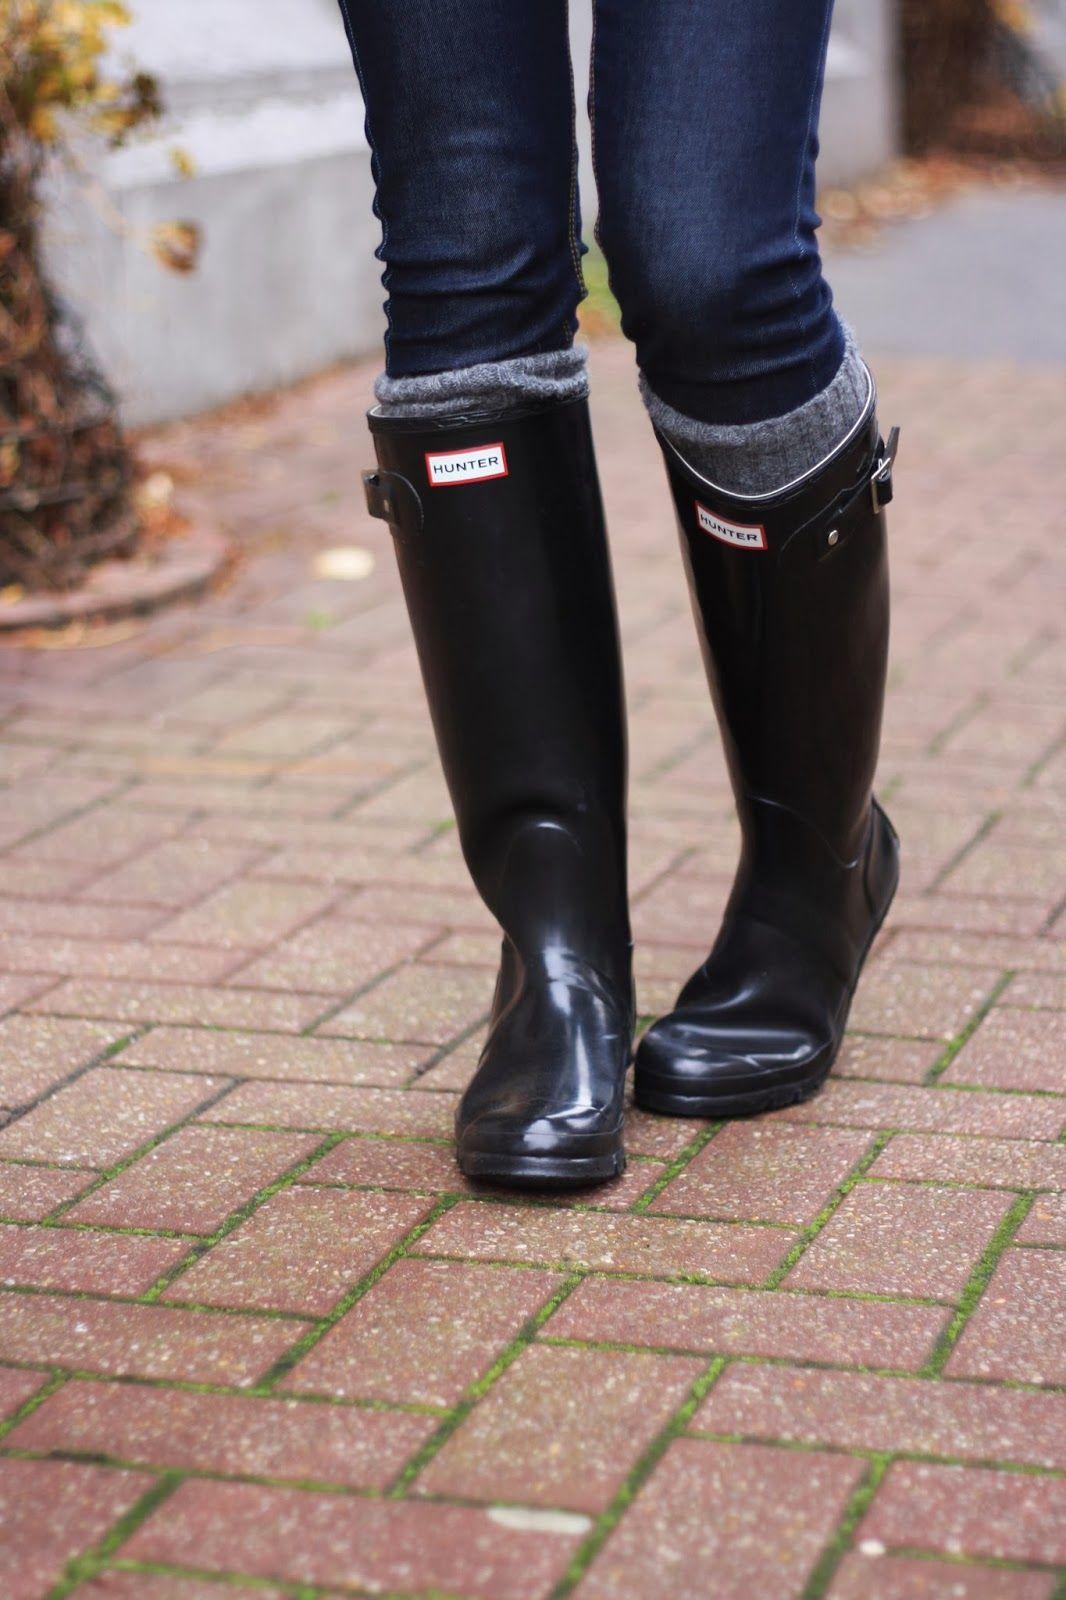 véritable conception adroite 2019 meilleurs bottes Hunter noir | Rain boots in 2019 | Black hunter boots ...